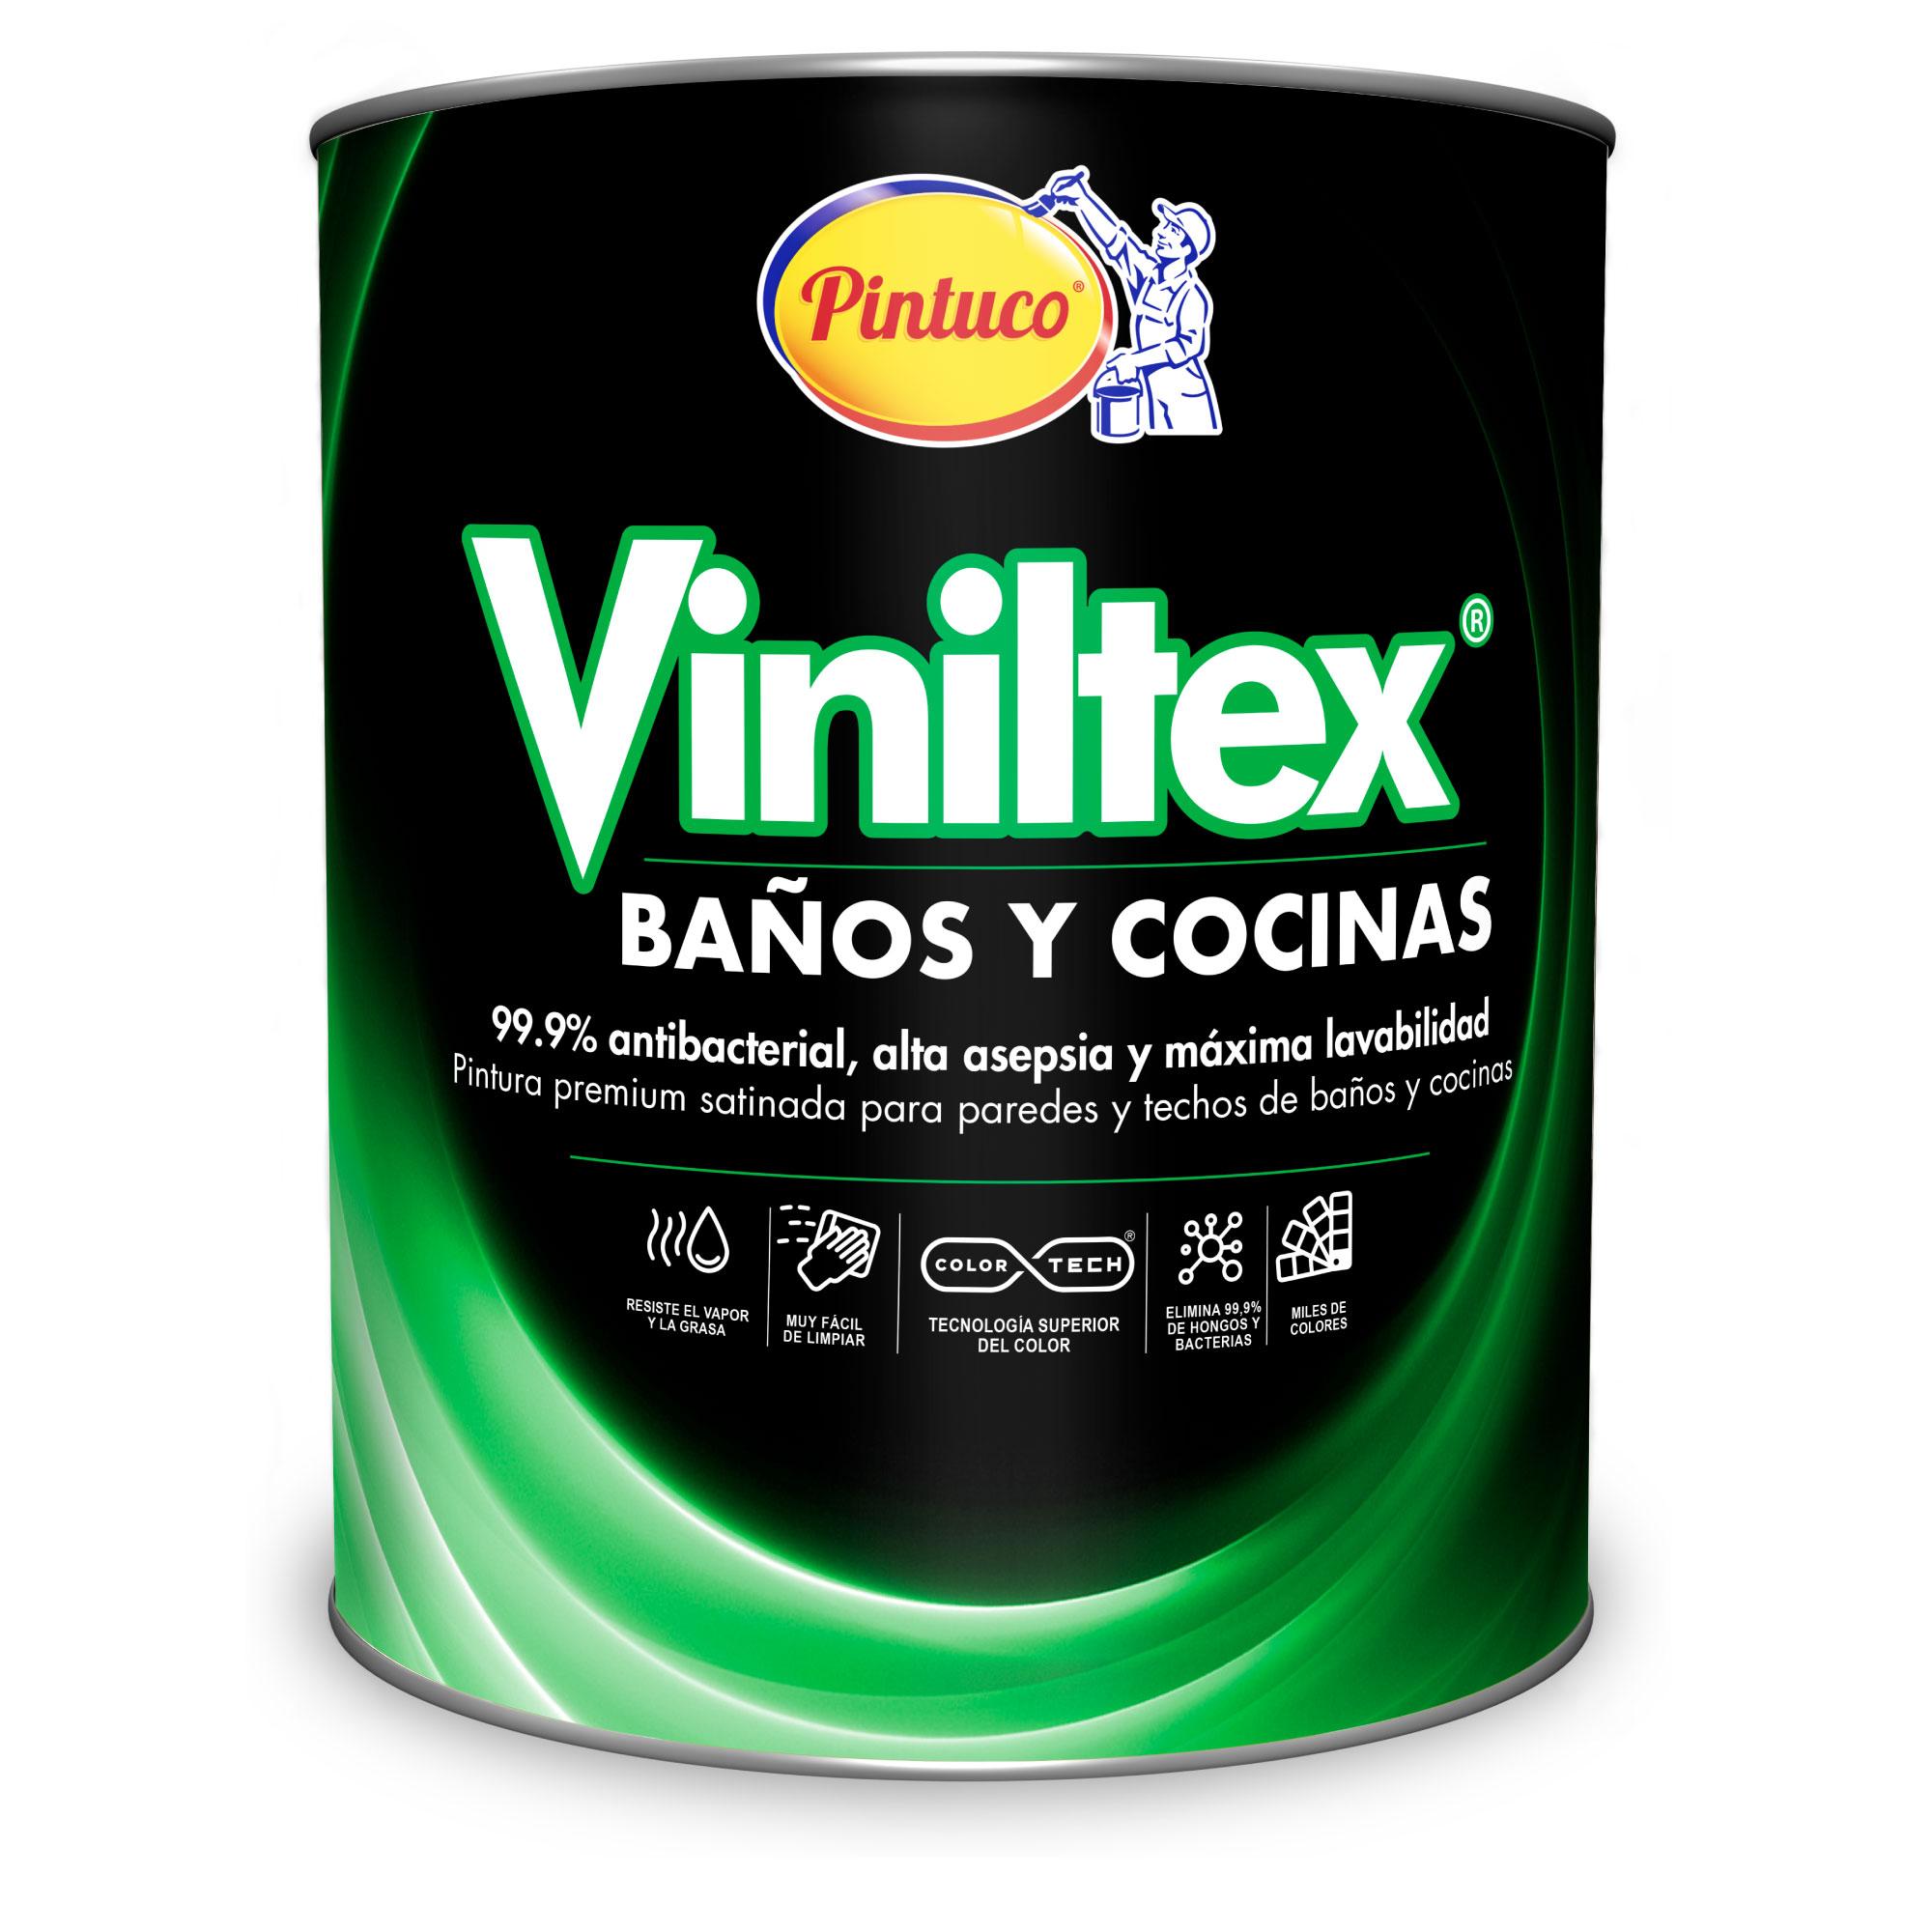 Pintura Viniltex Banos Y Cocinas Pinturas Pintuco Pinturas Pintuco